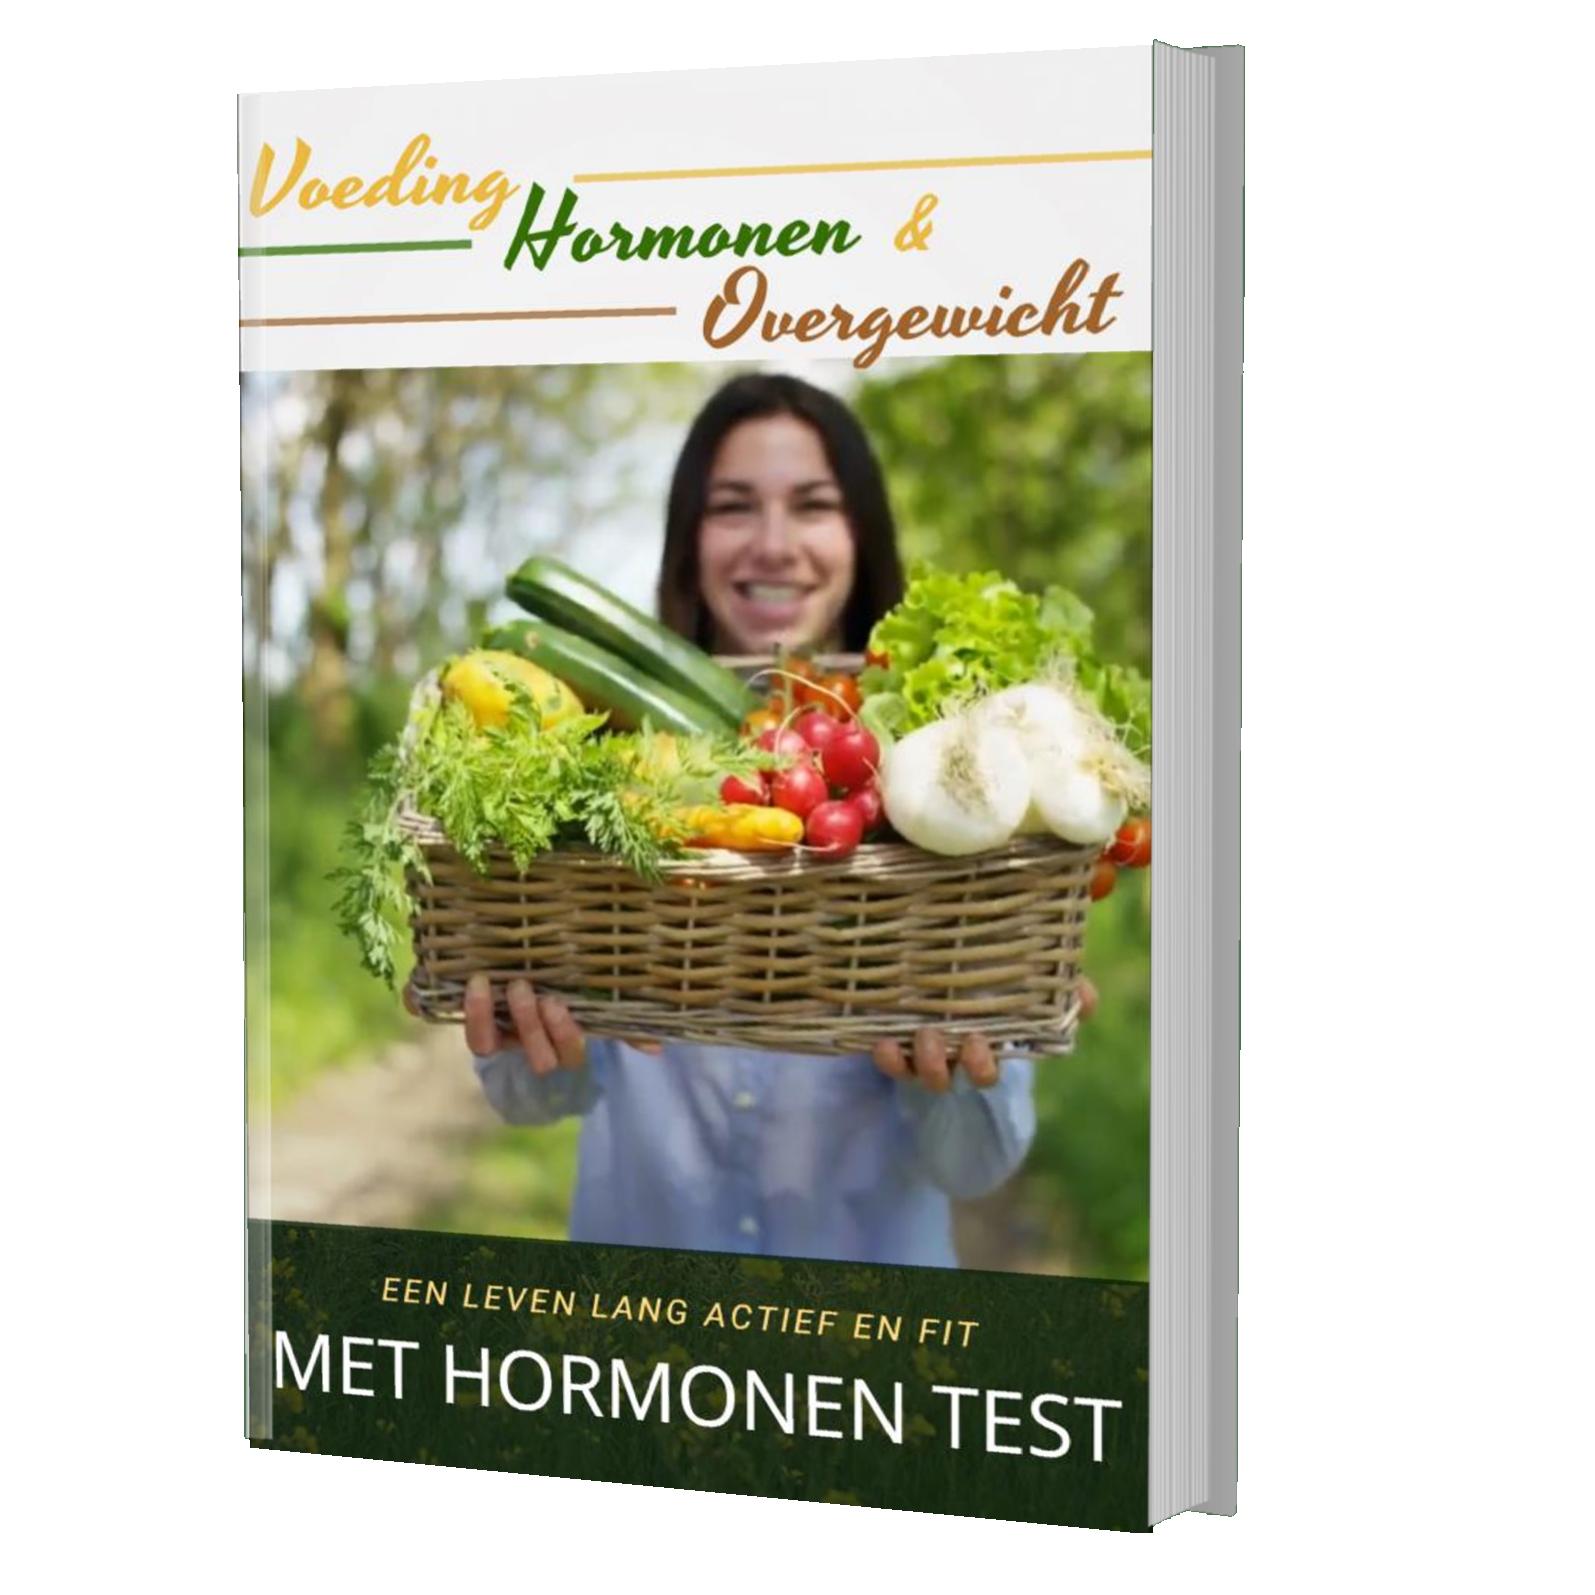 voeding-hormonen-overgewicht